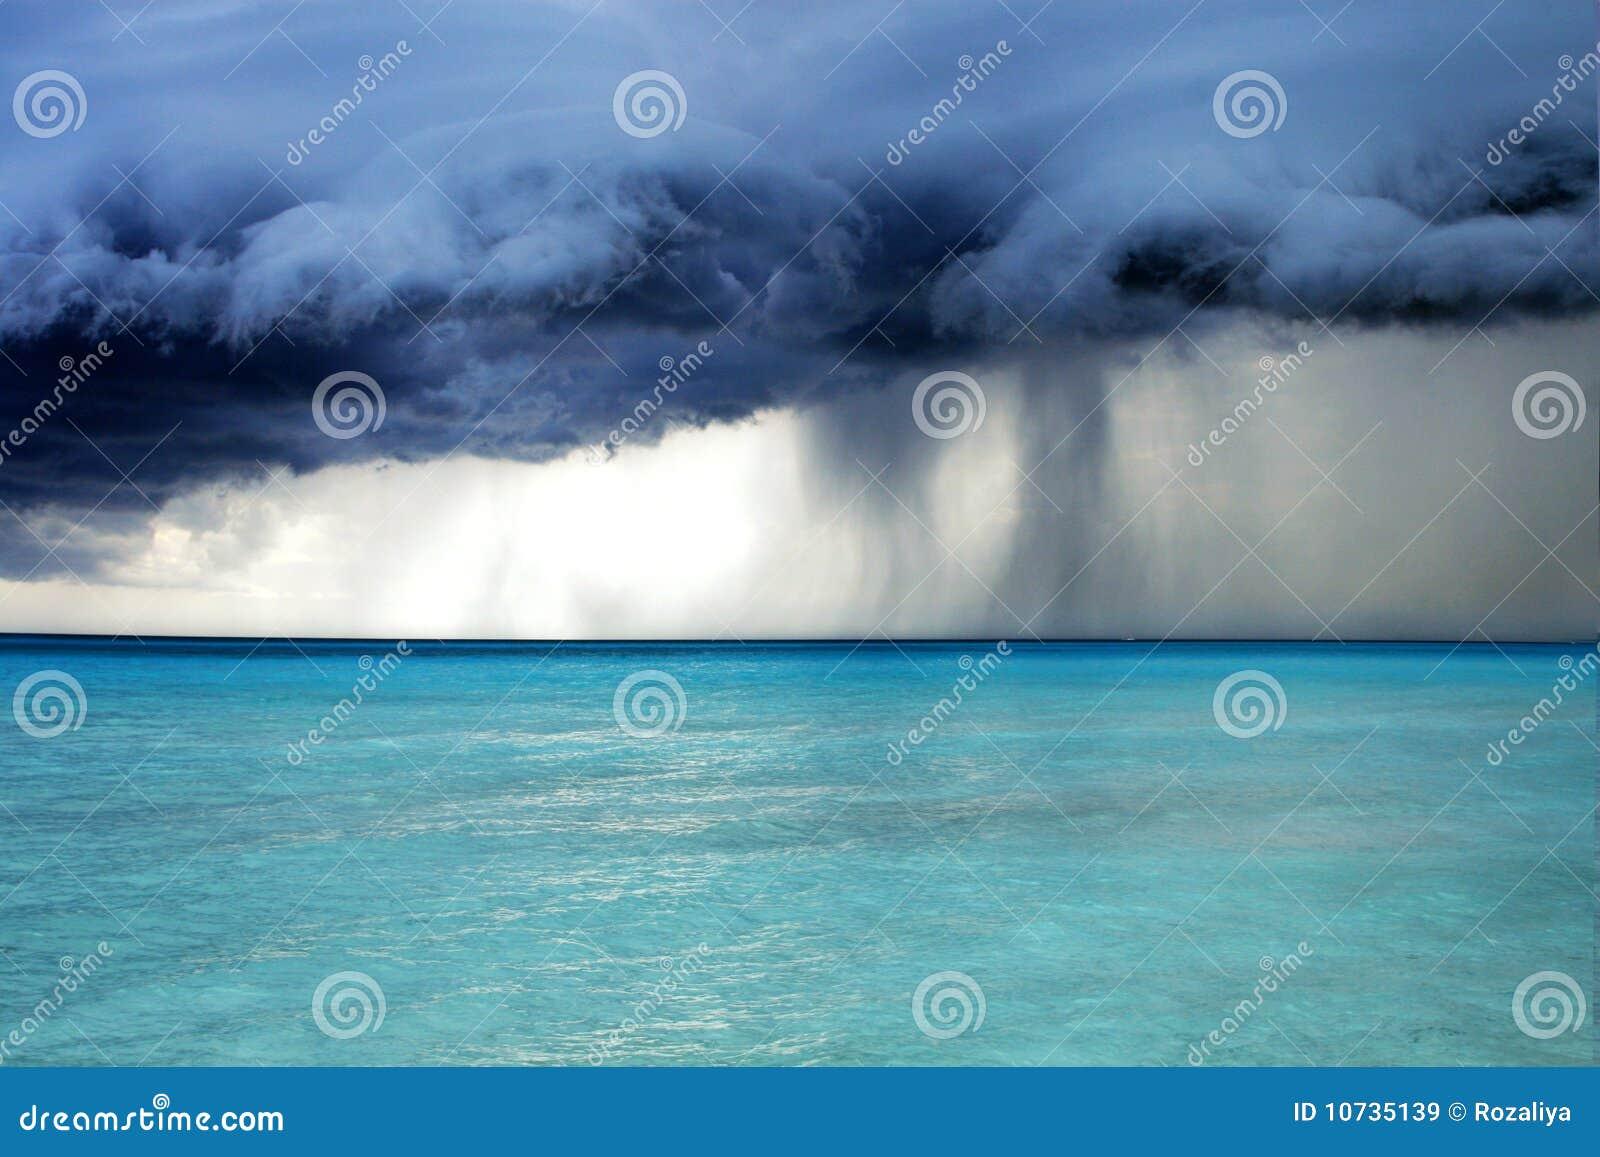 Clima de tempestade com chuva na praia